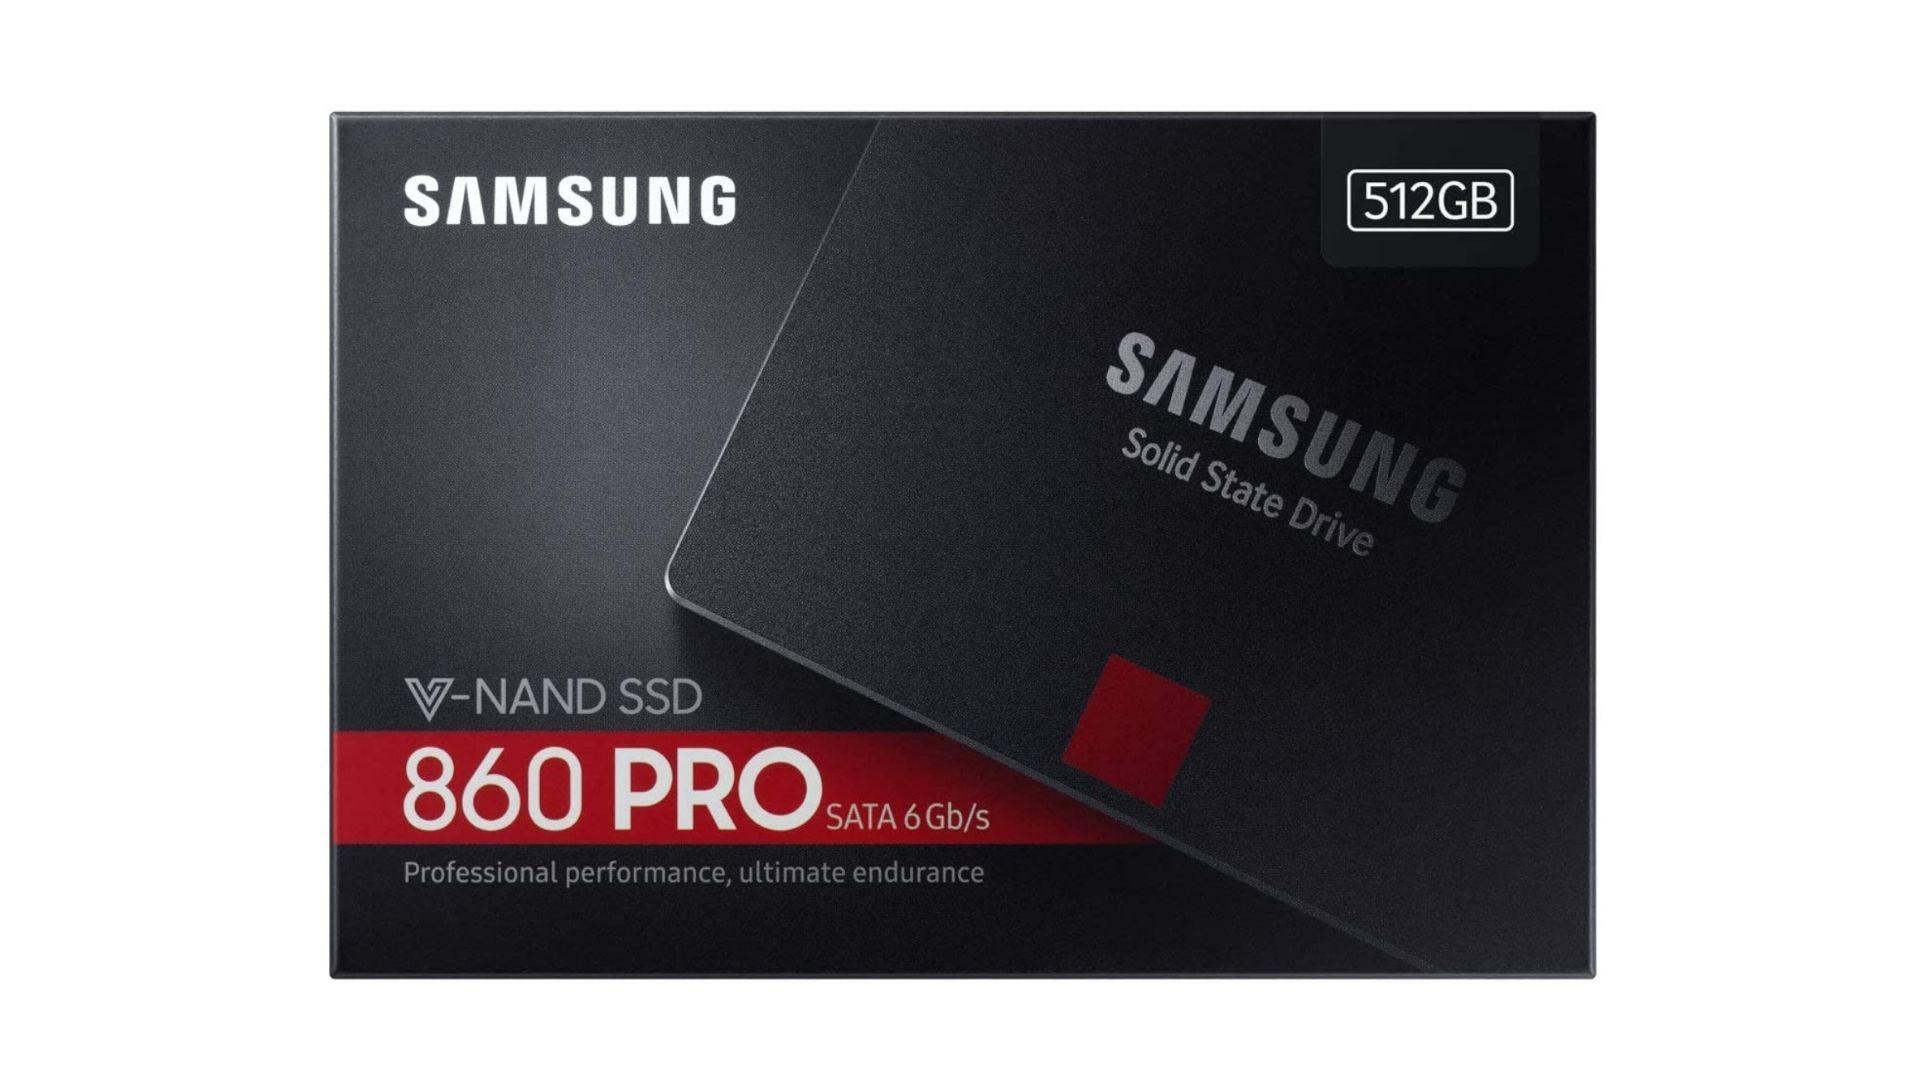 SSD 512GB Samsung 860 Pro com foto do SSD e informações na caixa